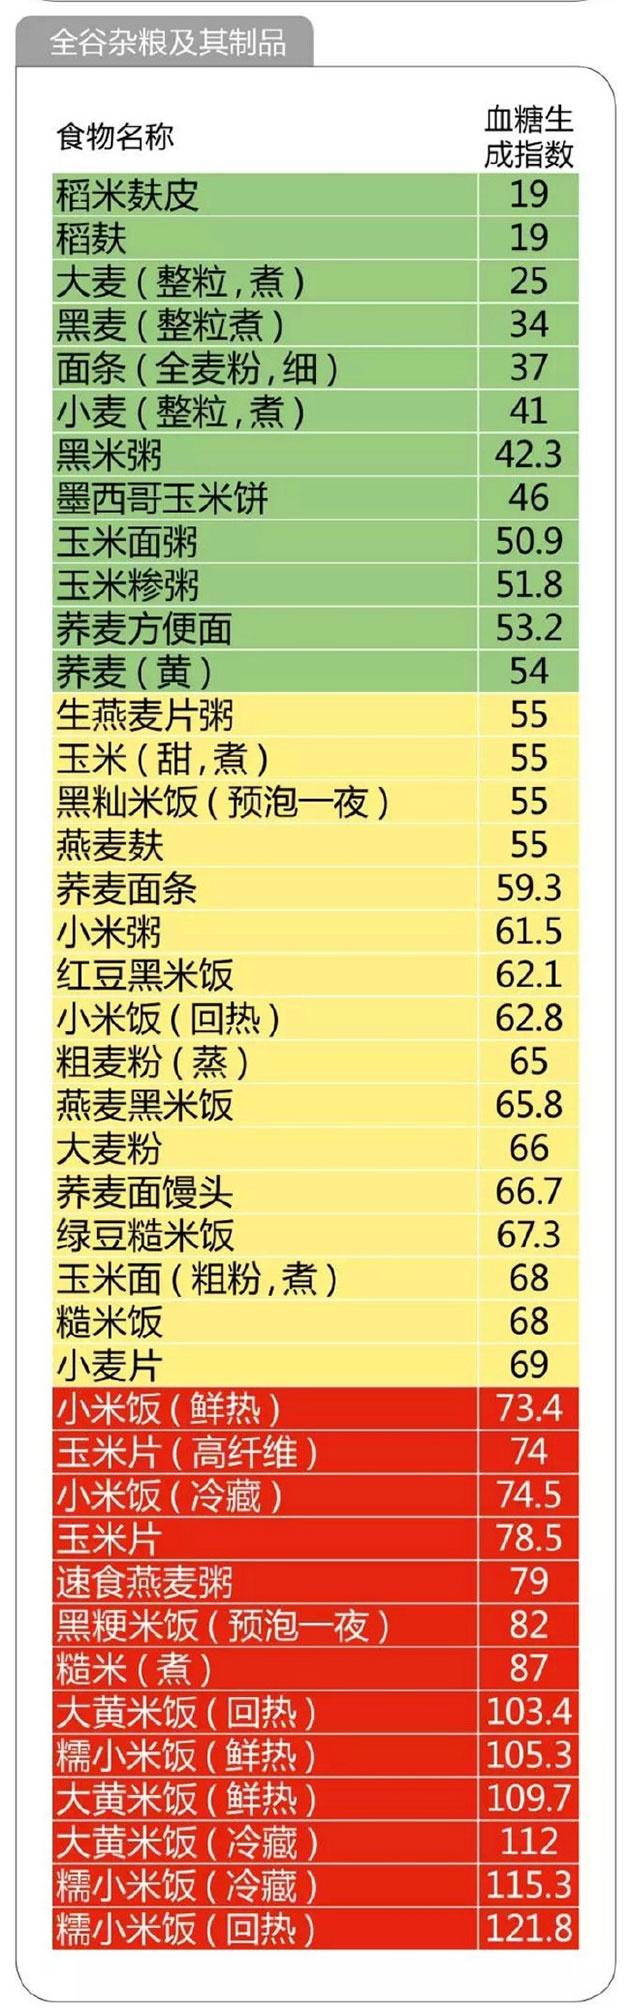 全谷物升糖指数GI表 图片来源:@健康时报 微博